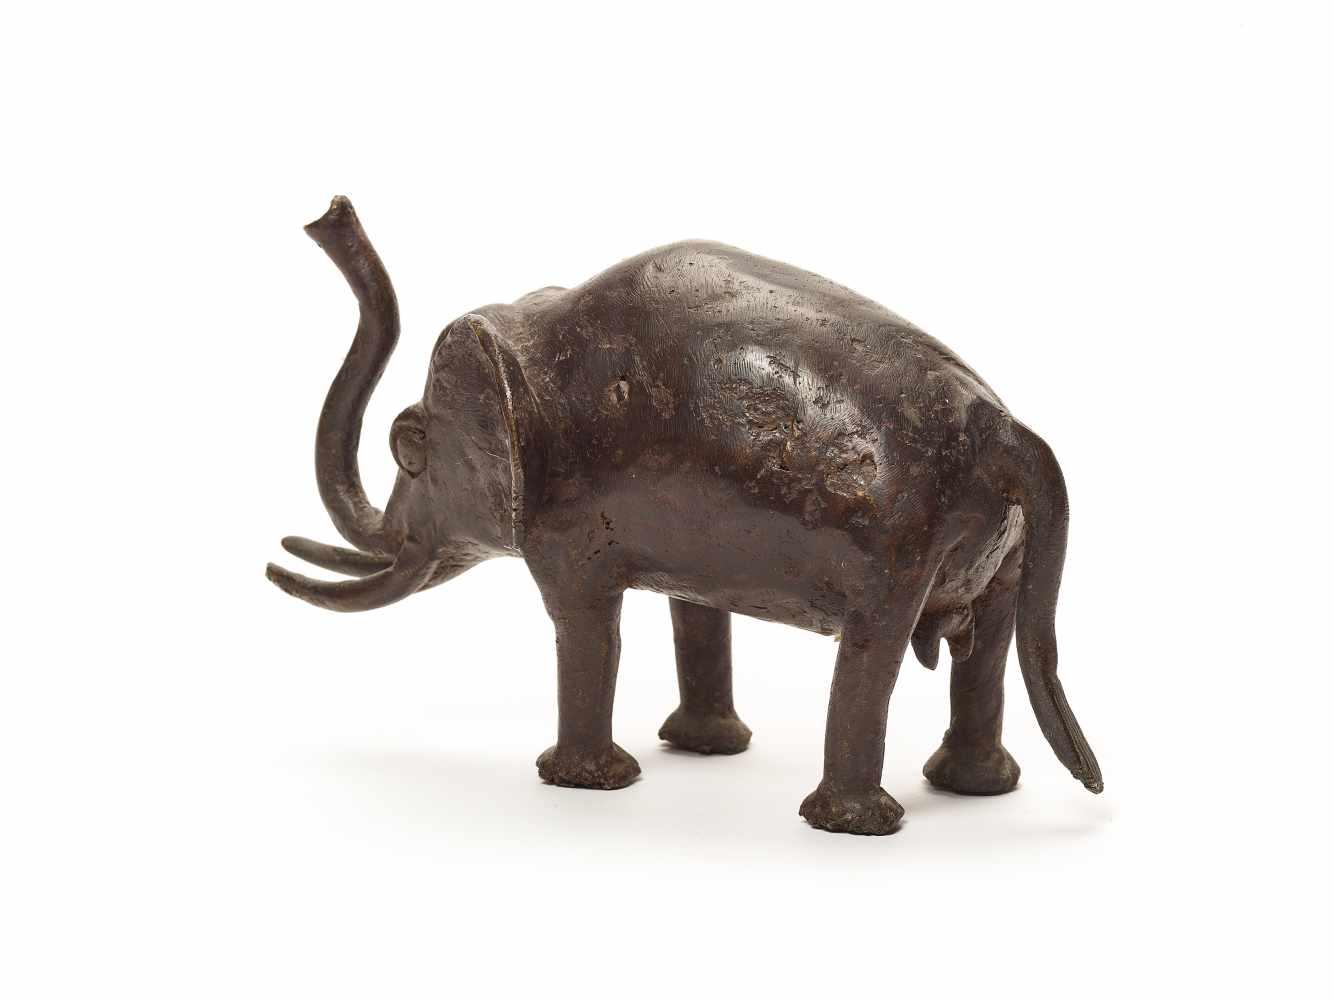 BRONZE ELEPHANT – BOBO PEOPLEBronzeBobo-Dioulasso, Burkina Faso, West Africa; 20th century This - Image 2 of 4